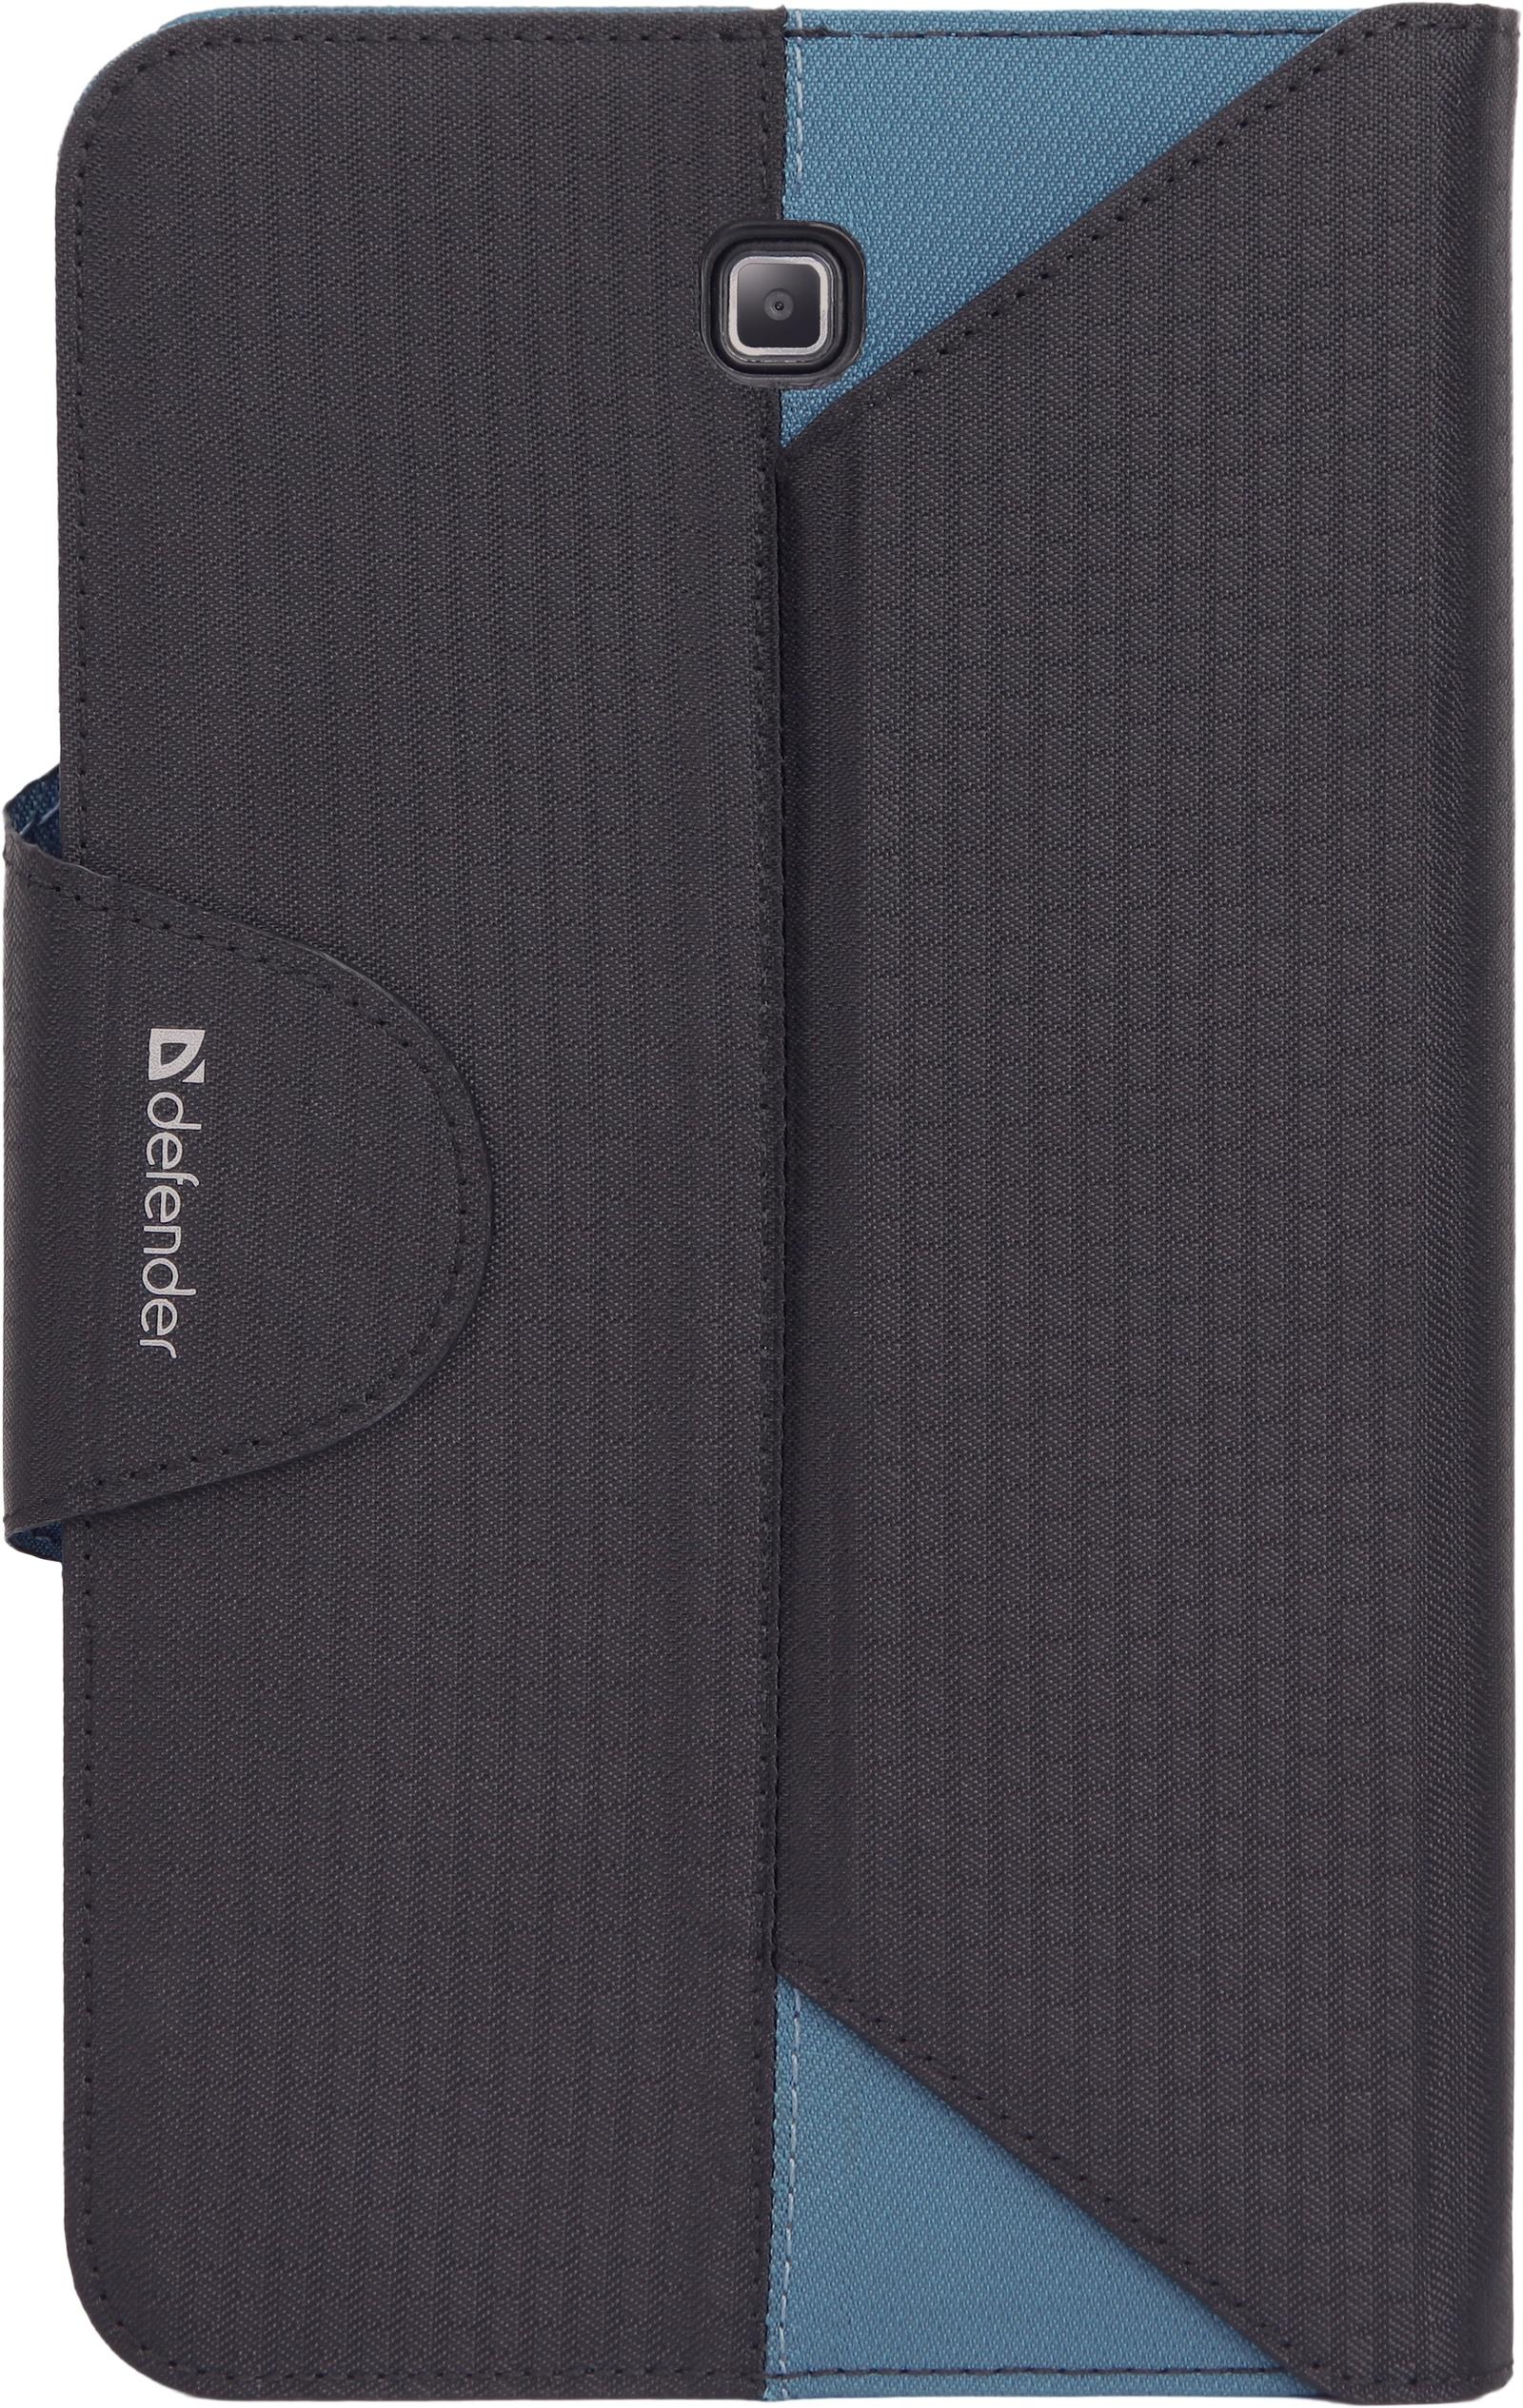 Фото - Чехол для планшета Defender Double case, 26072, черный, синий видео